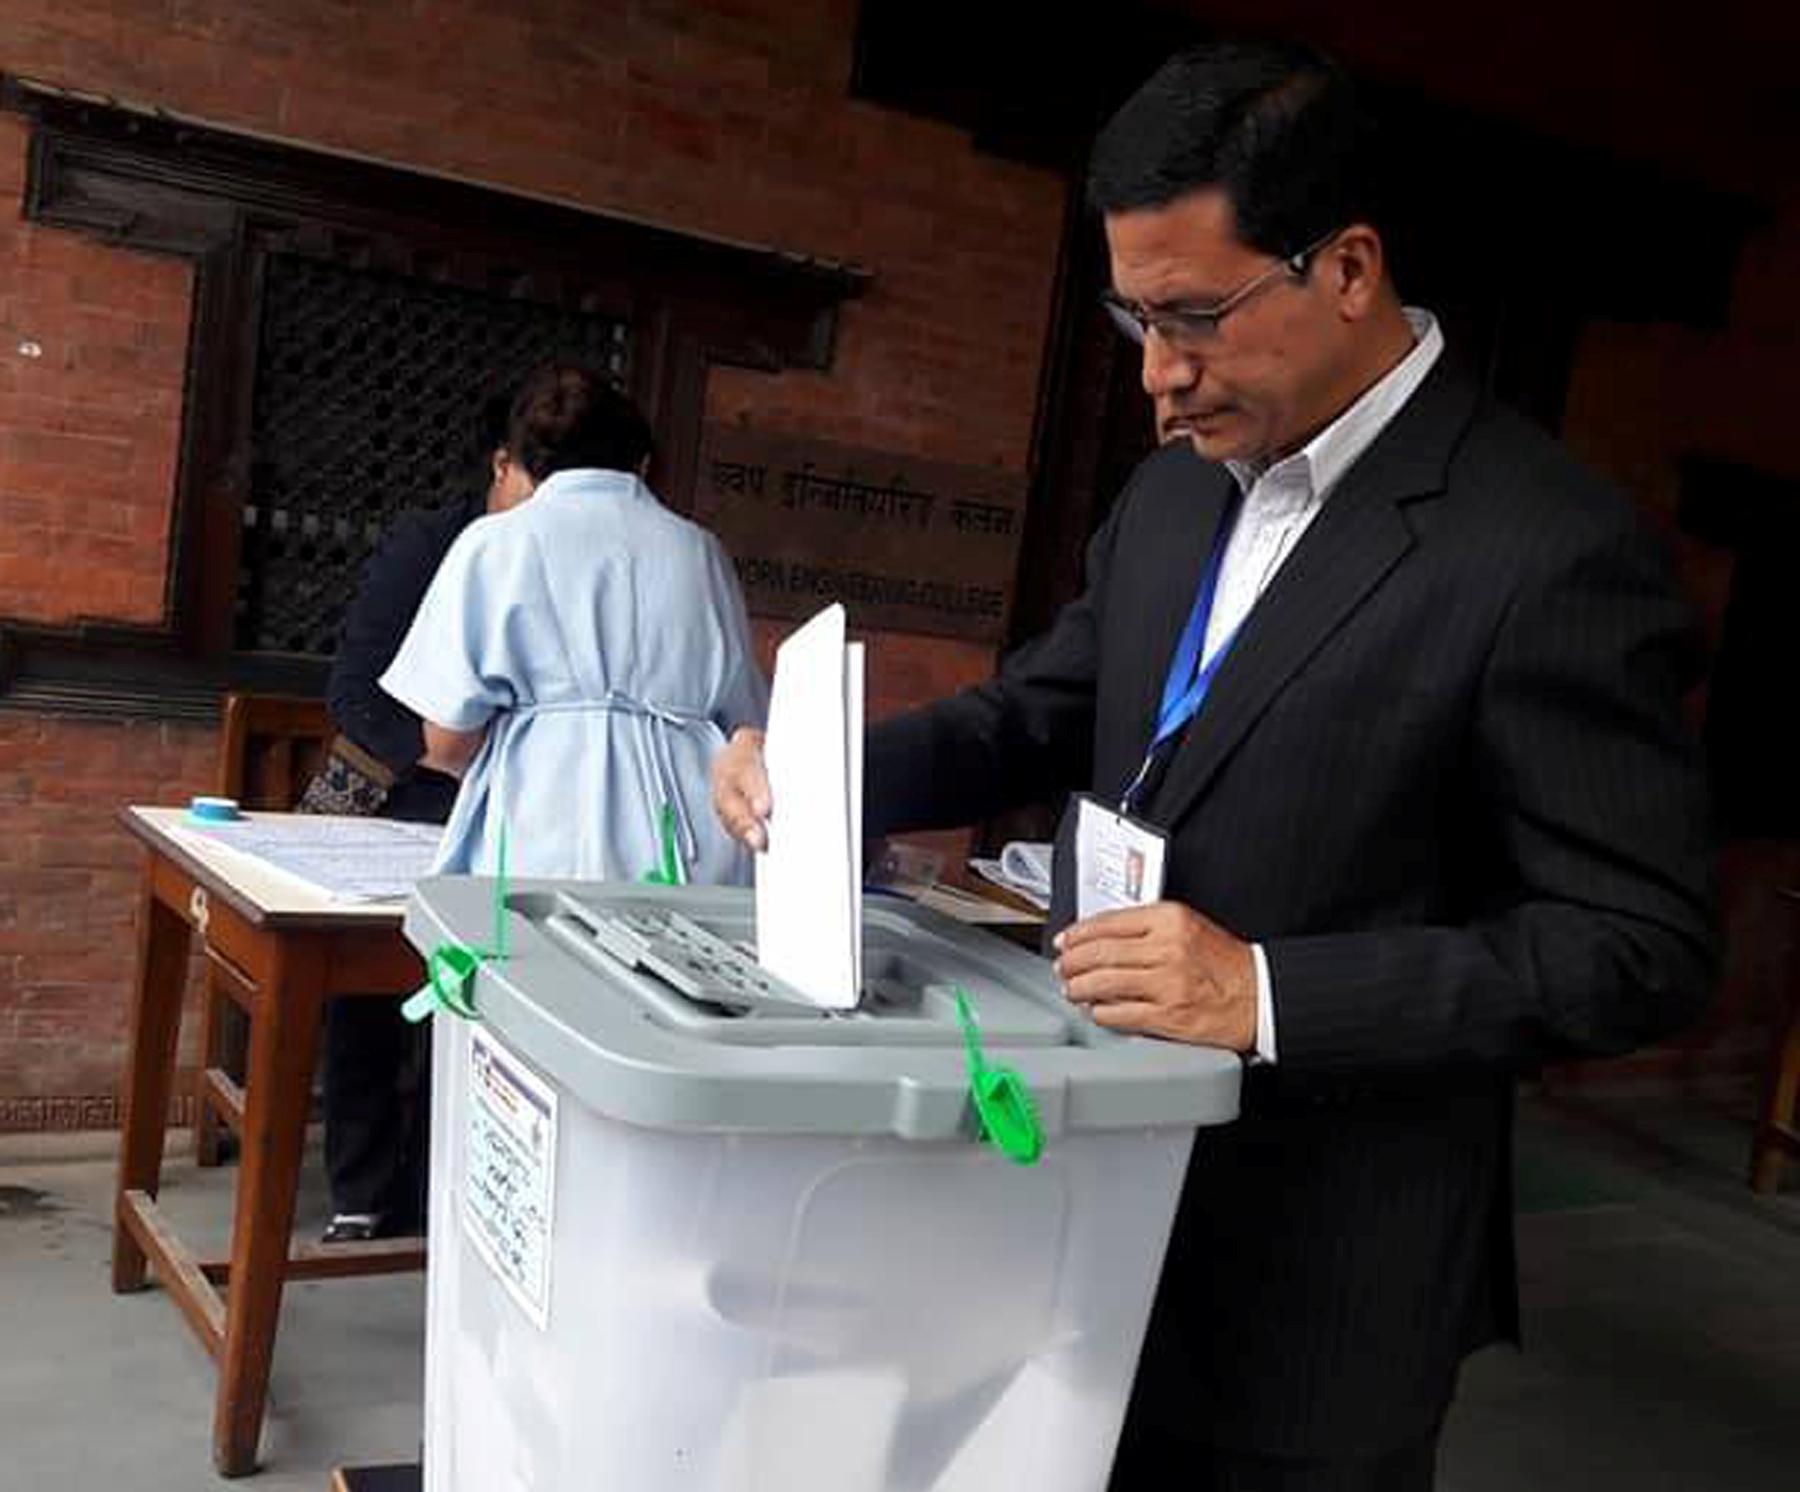 राष्ट्रियसभा निर्वाचनमा स्वस्तिक चिह्नको प्रयोग नहुने, कसरी हुन्छ मतदान ?